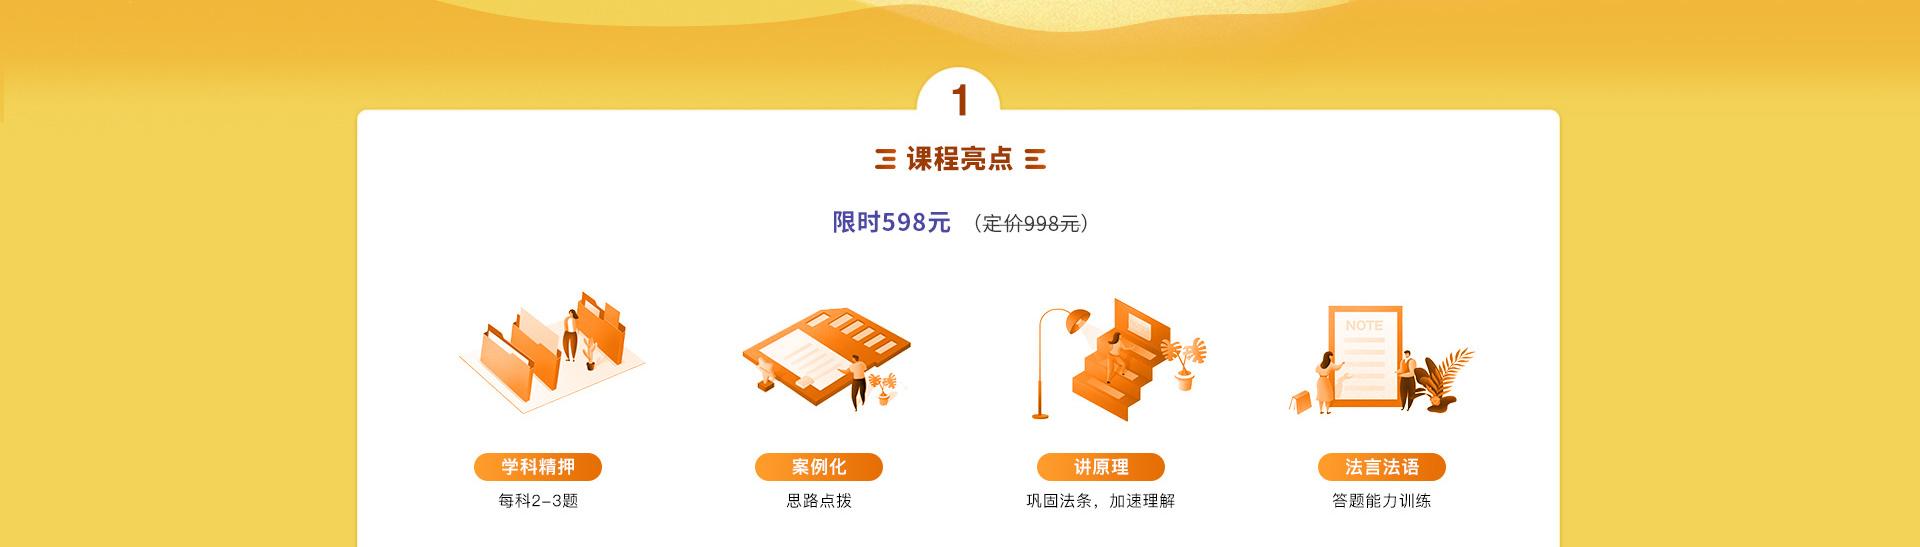 PCxiangqing_03.jpg